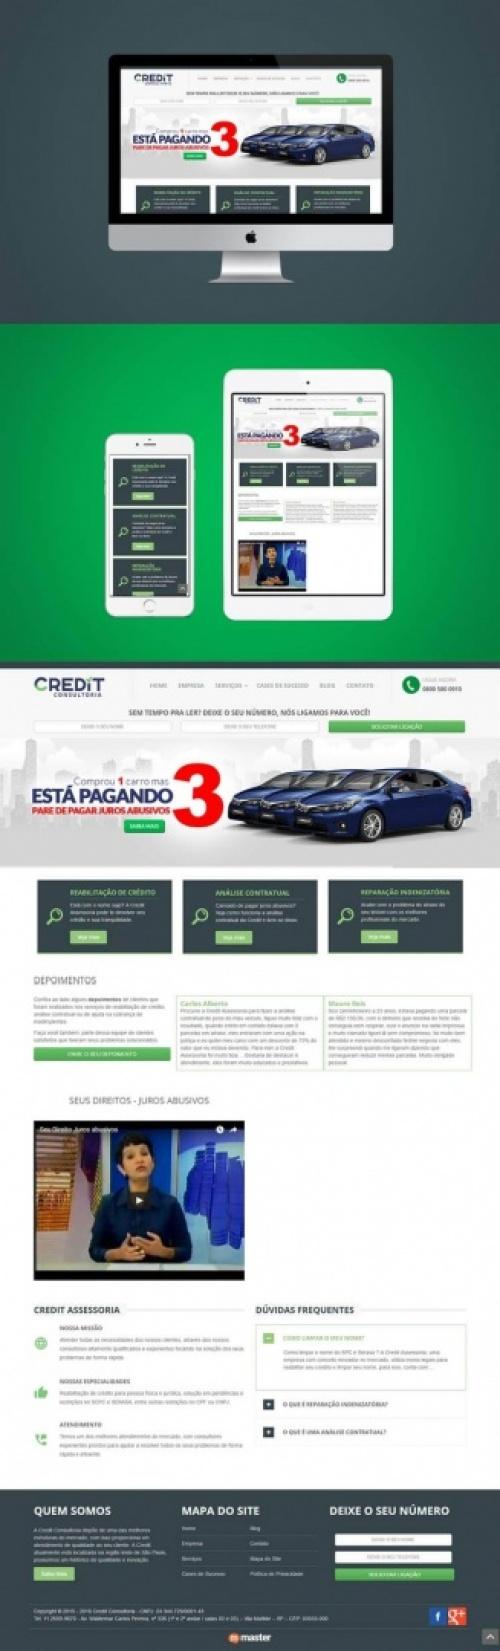 Criação de site Credit Assessoria - Revisão Contratual e Reabilitação de Crédito